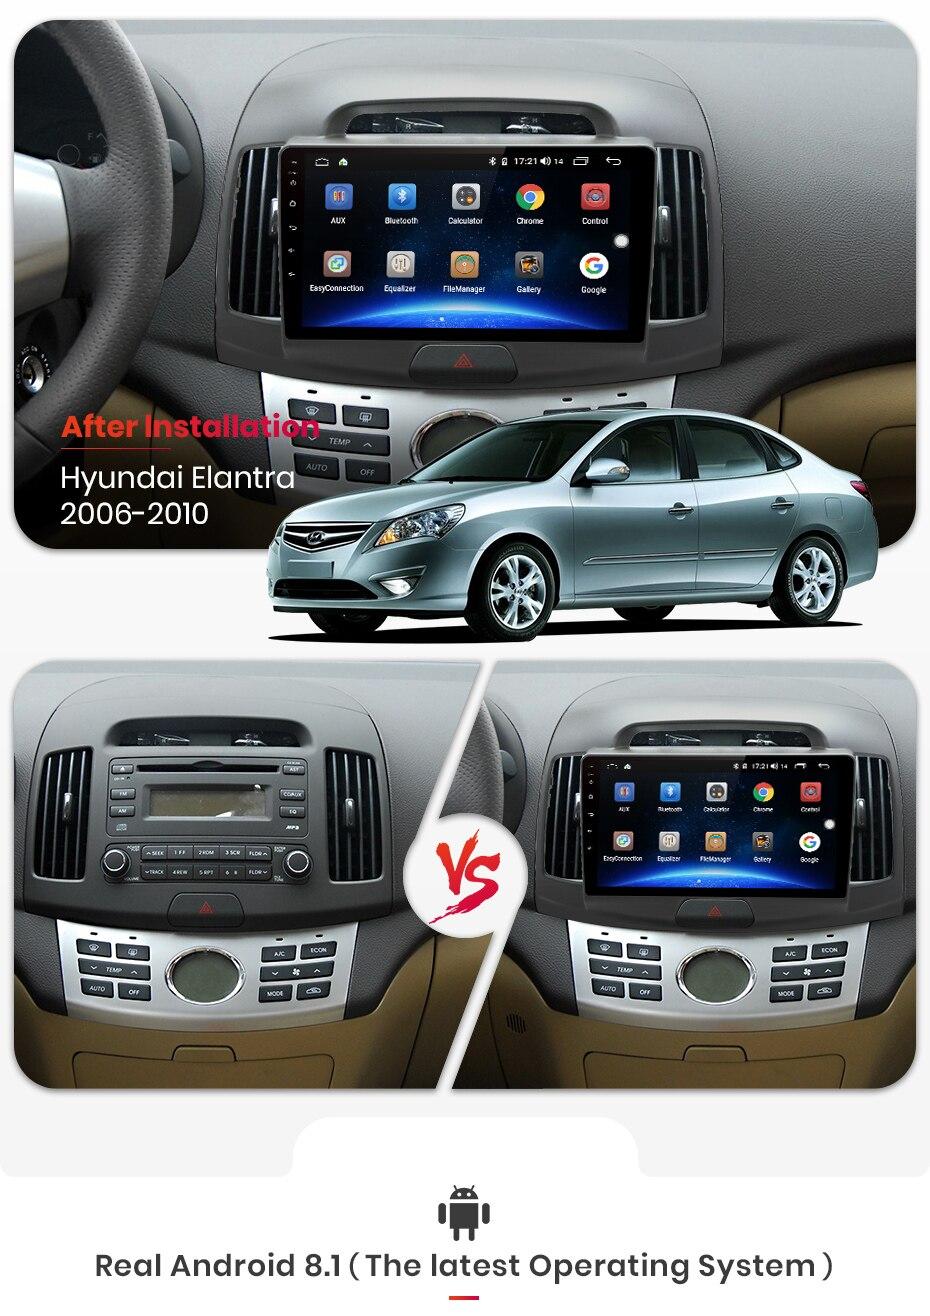 Hyundai-Elantra-HD_03